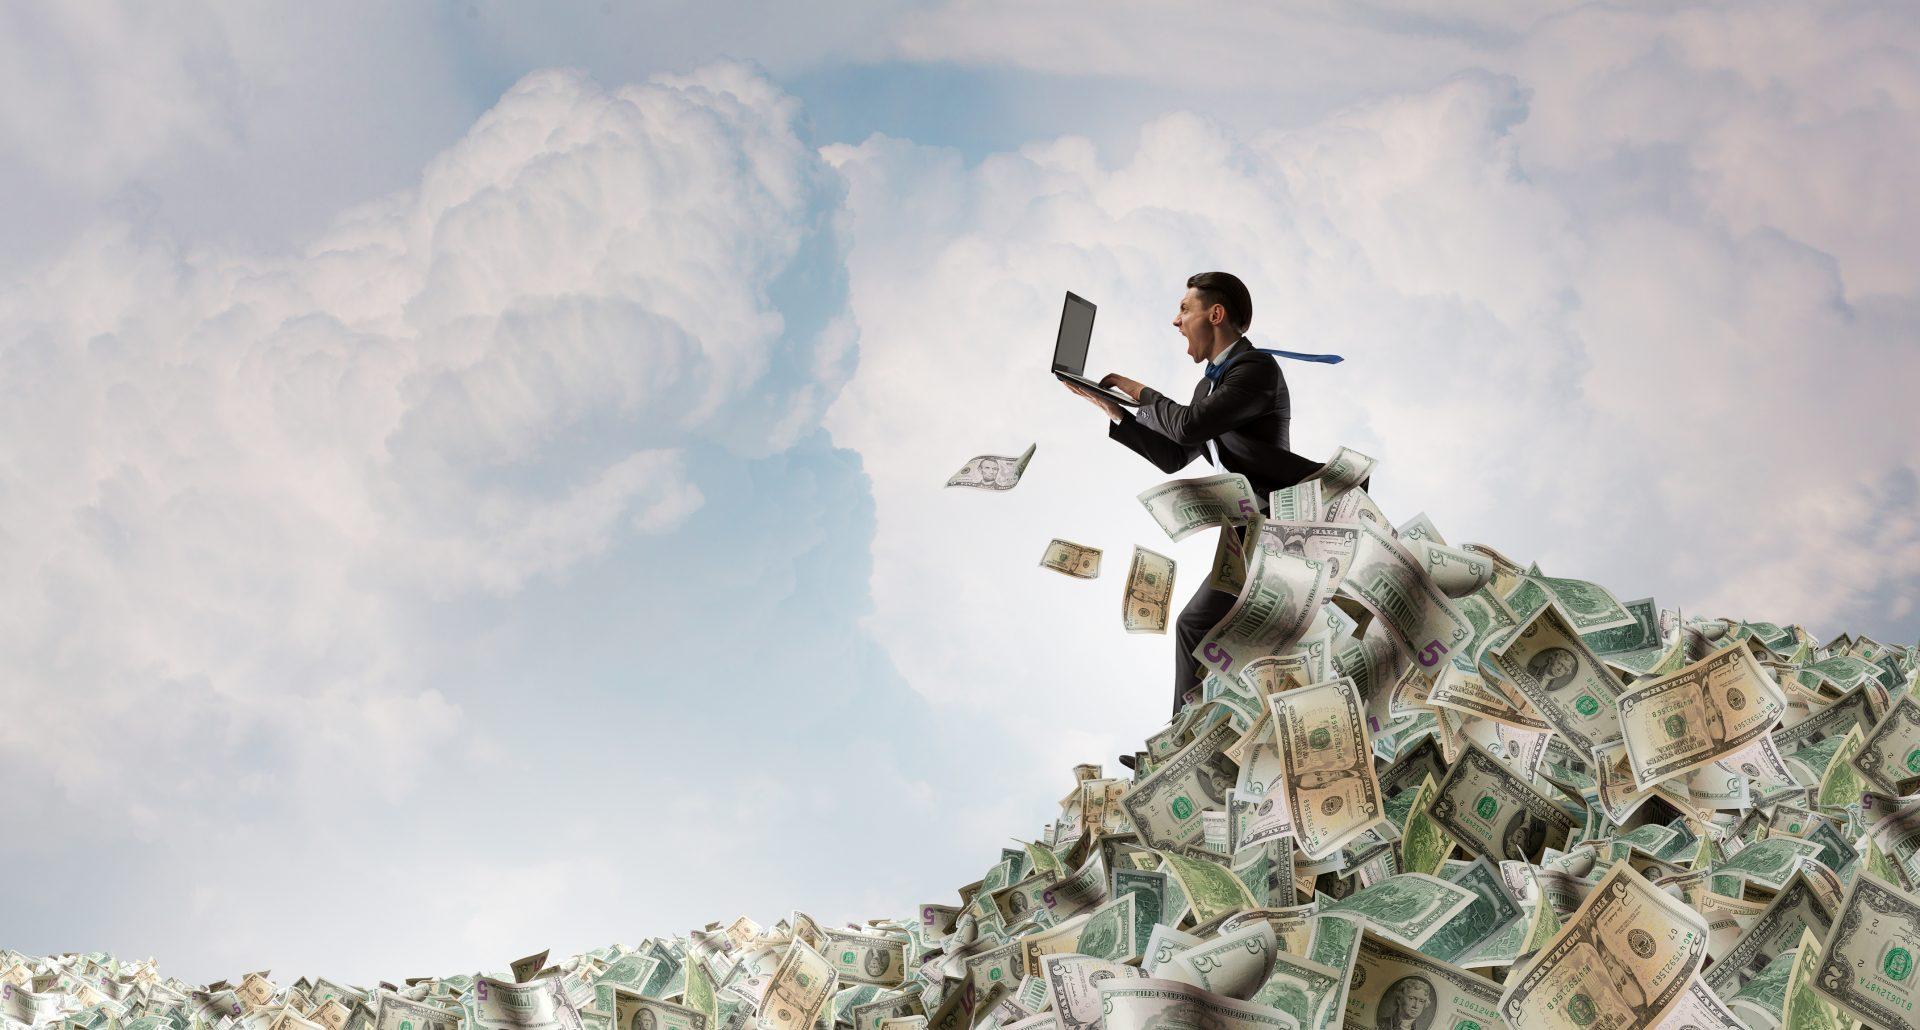 Altcoins Soar Alongside Bitcoin, Crypto Market Cap Nears $1 Trillion - Bitcoinist.com